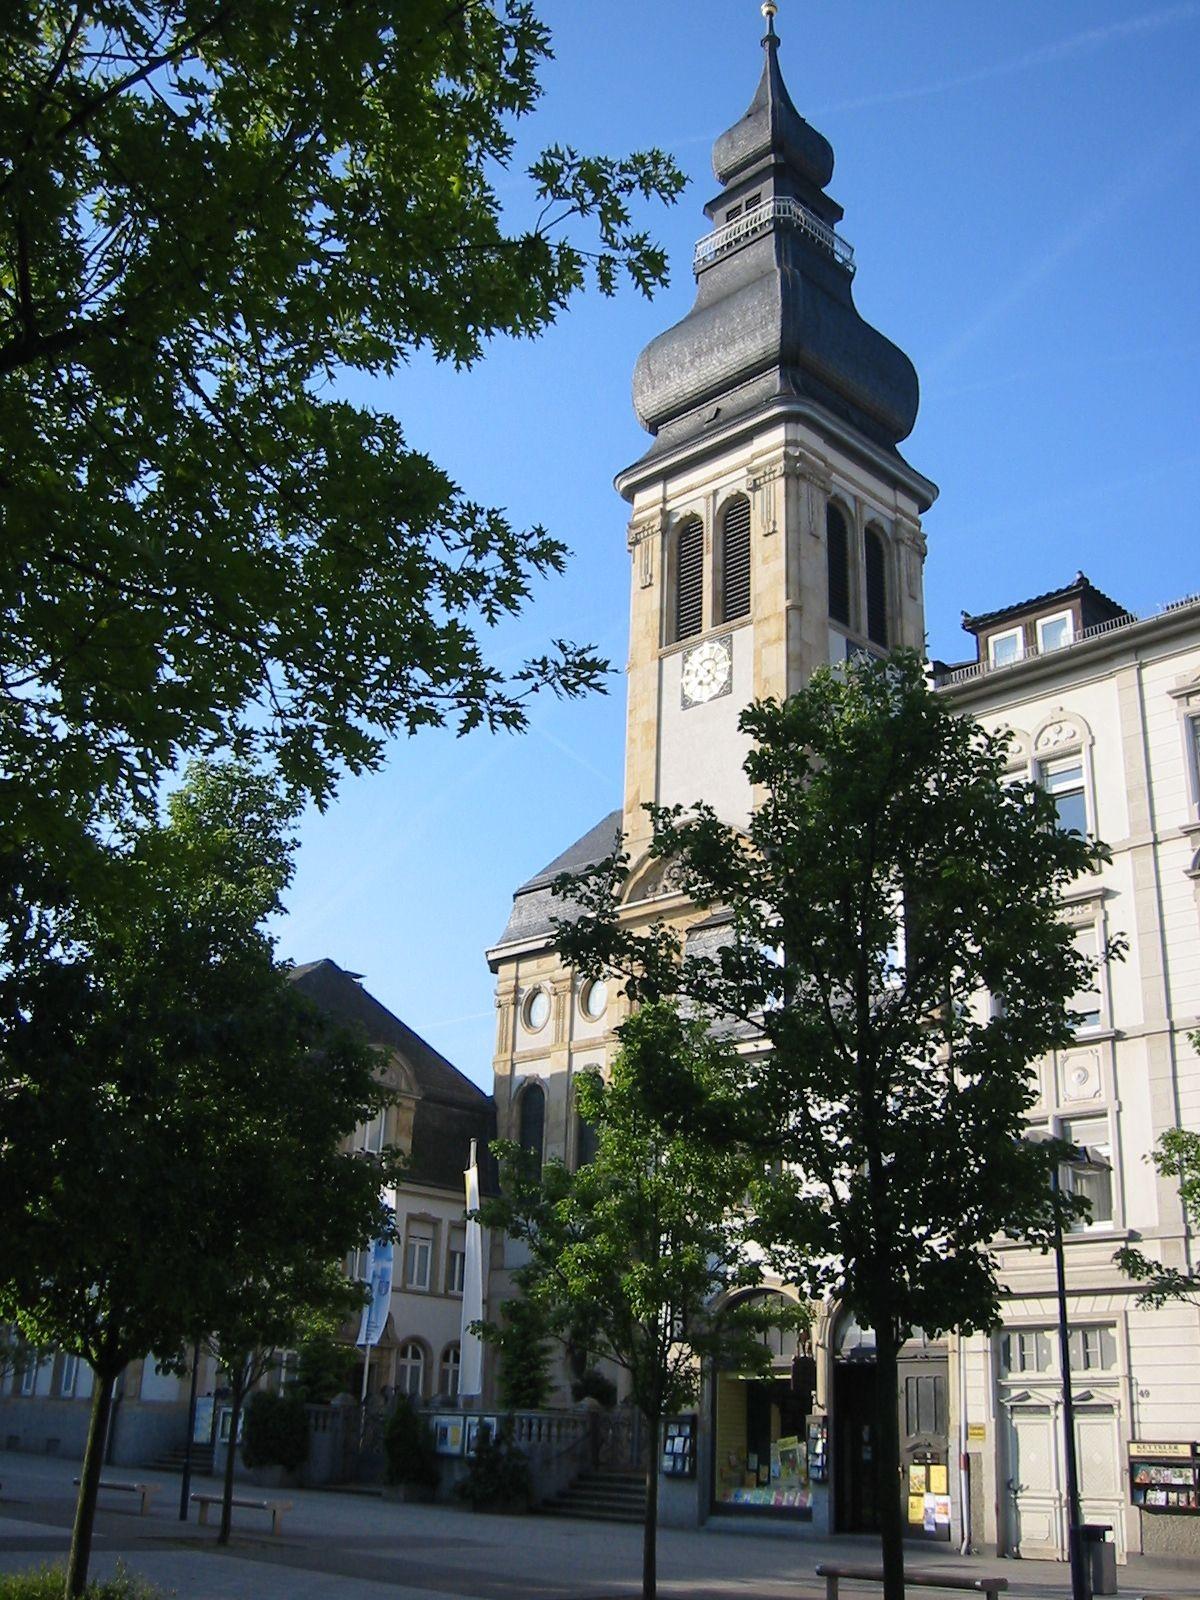 Marienkirche offenbach am main wikipedia for Werbeagentur offenbach am main